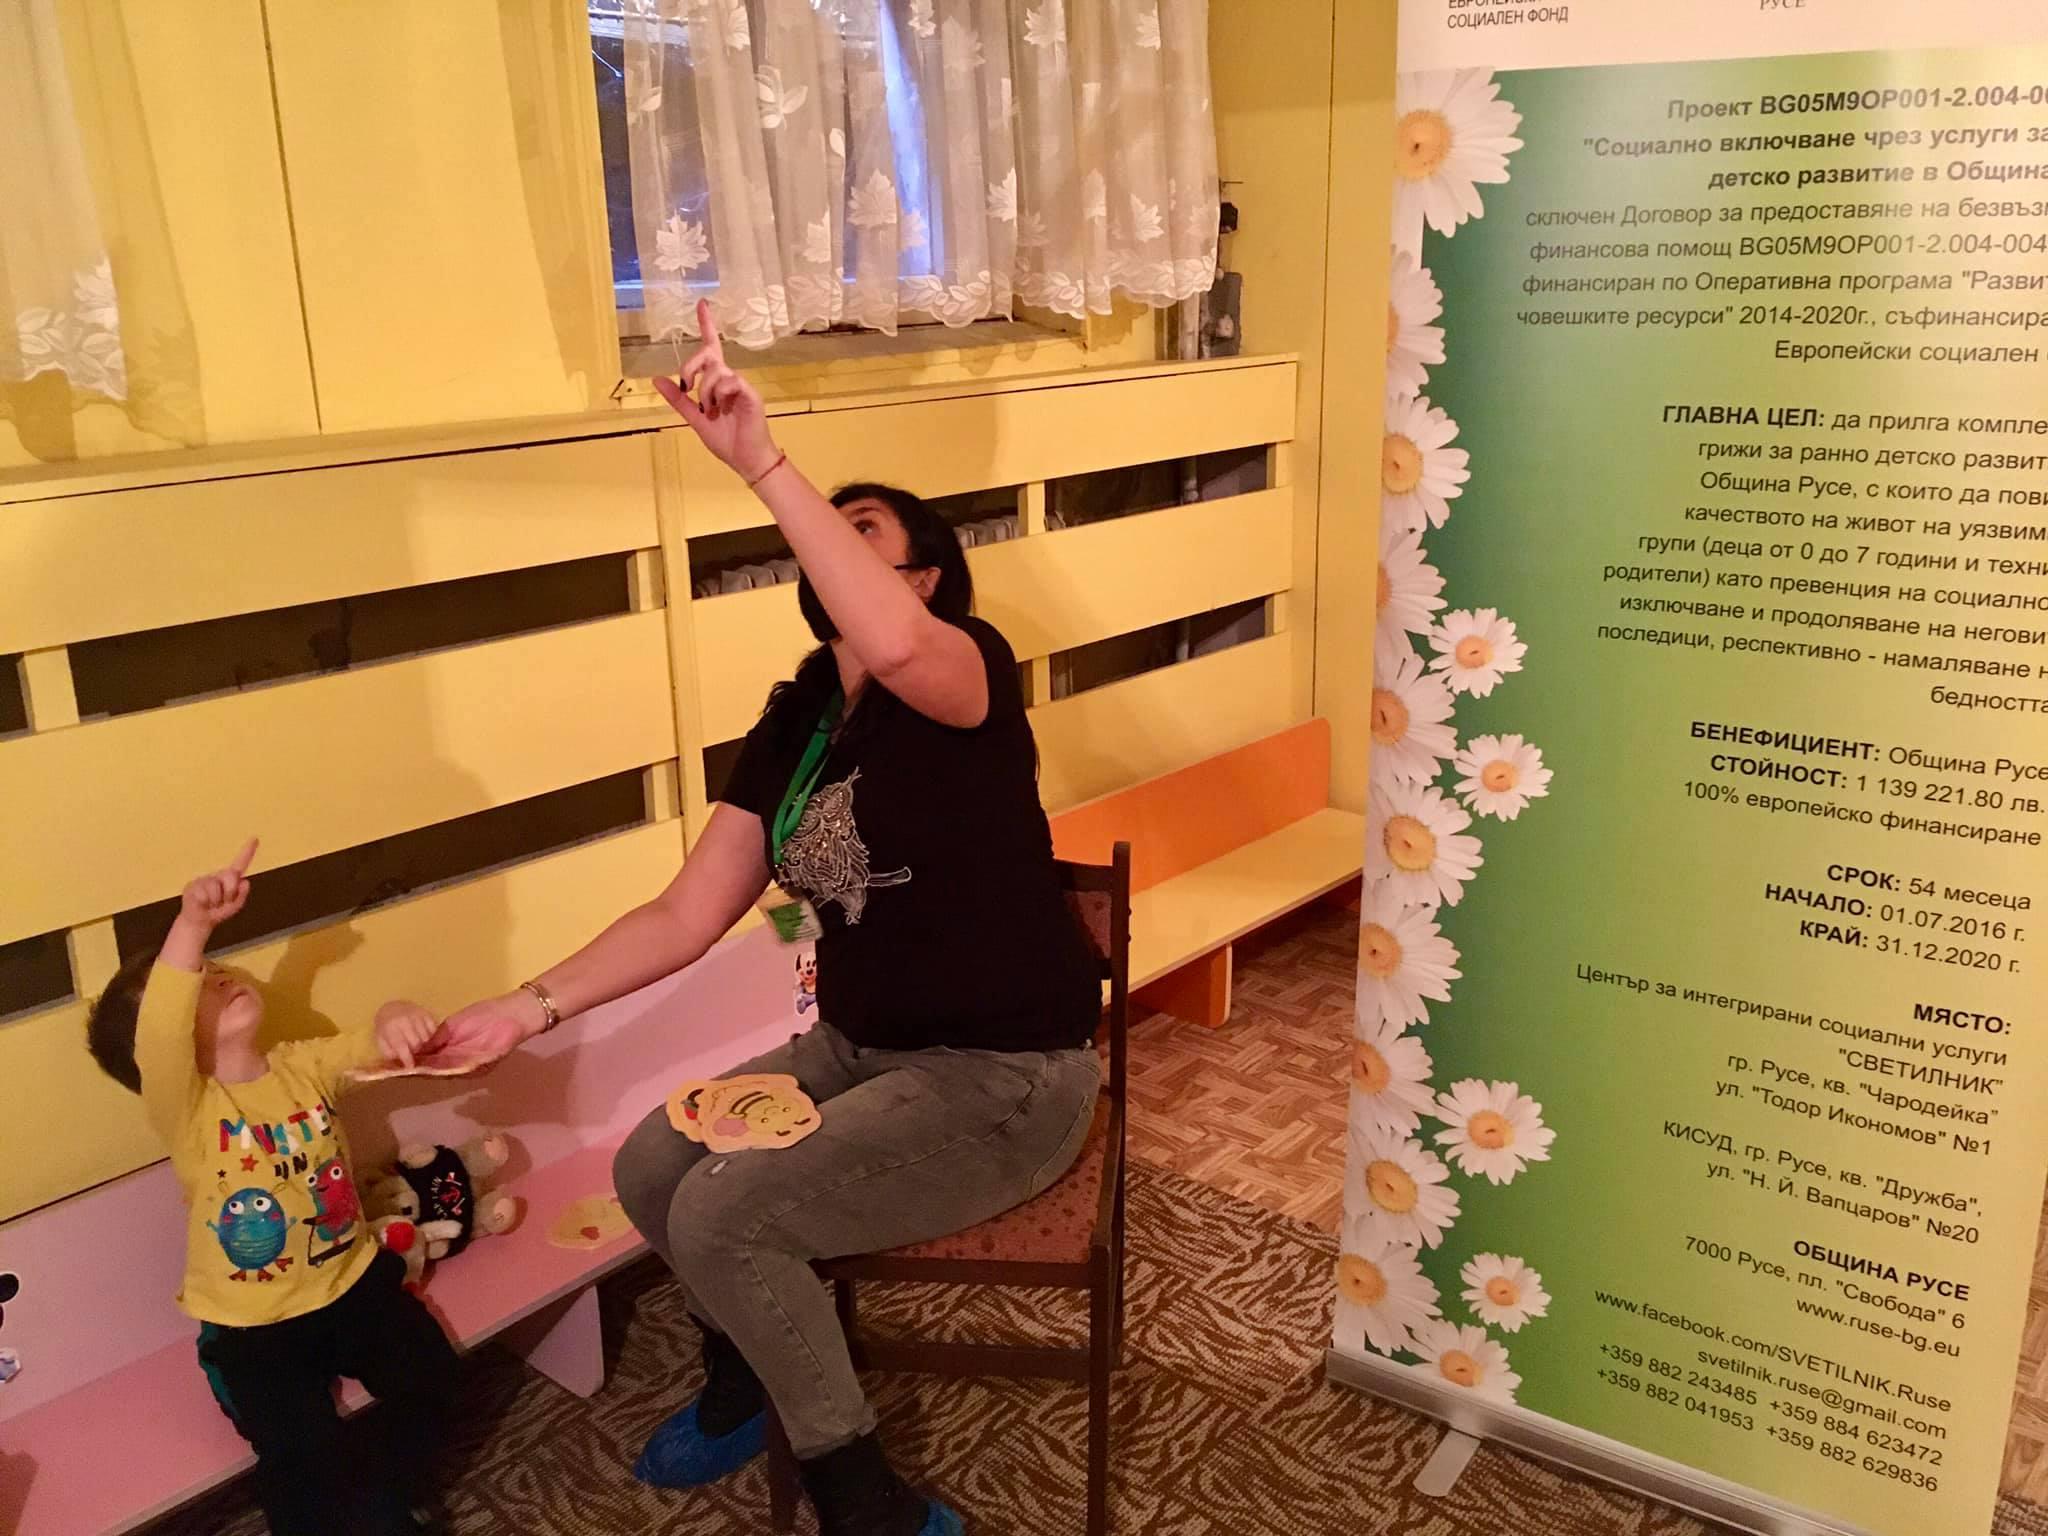 """Нуждата от рехабилитация и логопедични упражнения обследваха специалистите от проекта """"Социално включване чрез услуги за ранно детско развитие в Община Русе"""" в 3 ясли"""